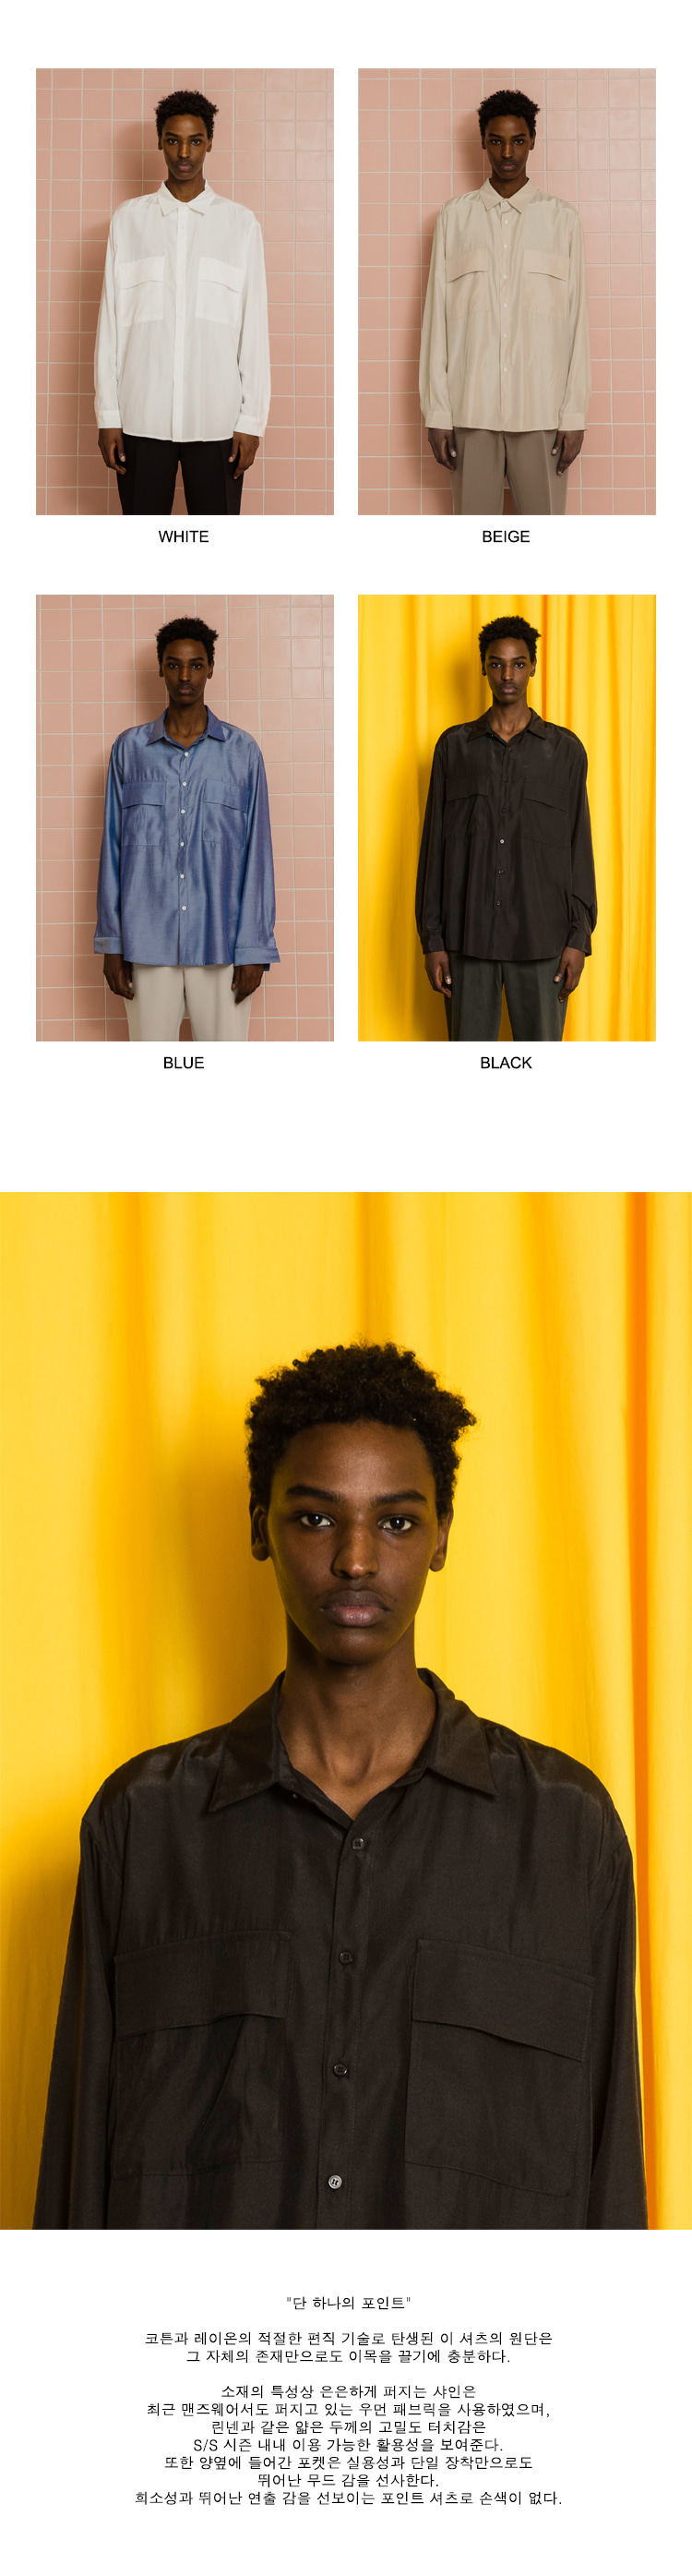 수아레(SUARE) 트러플 셔츠 블랙